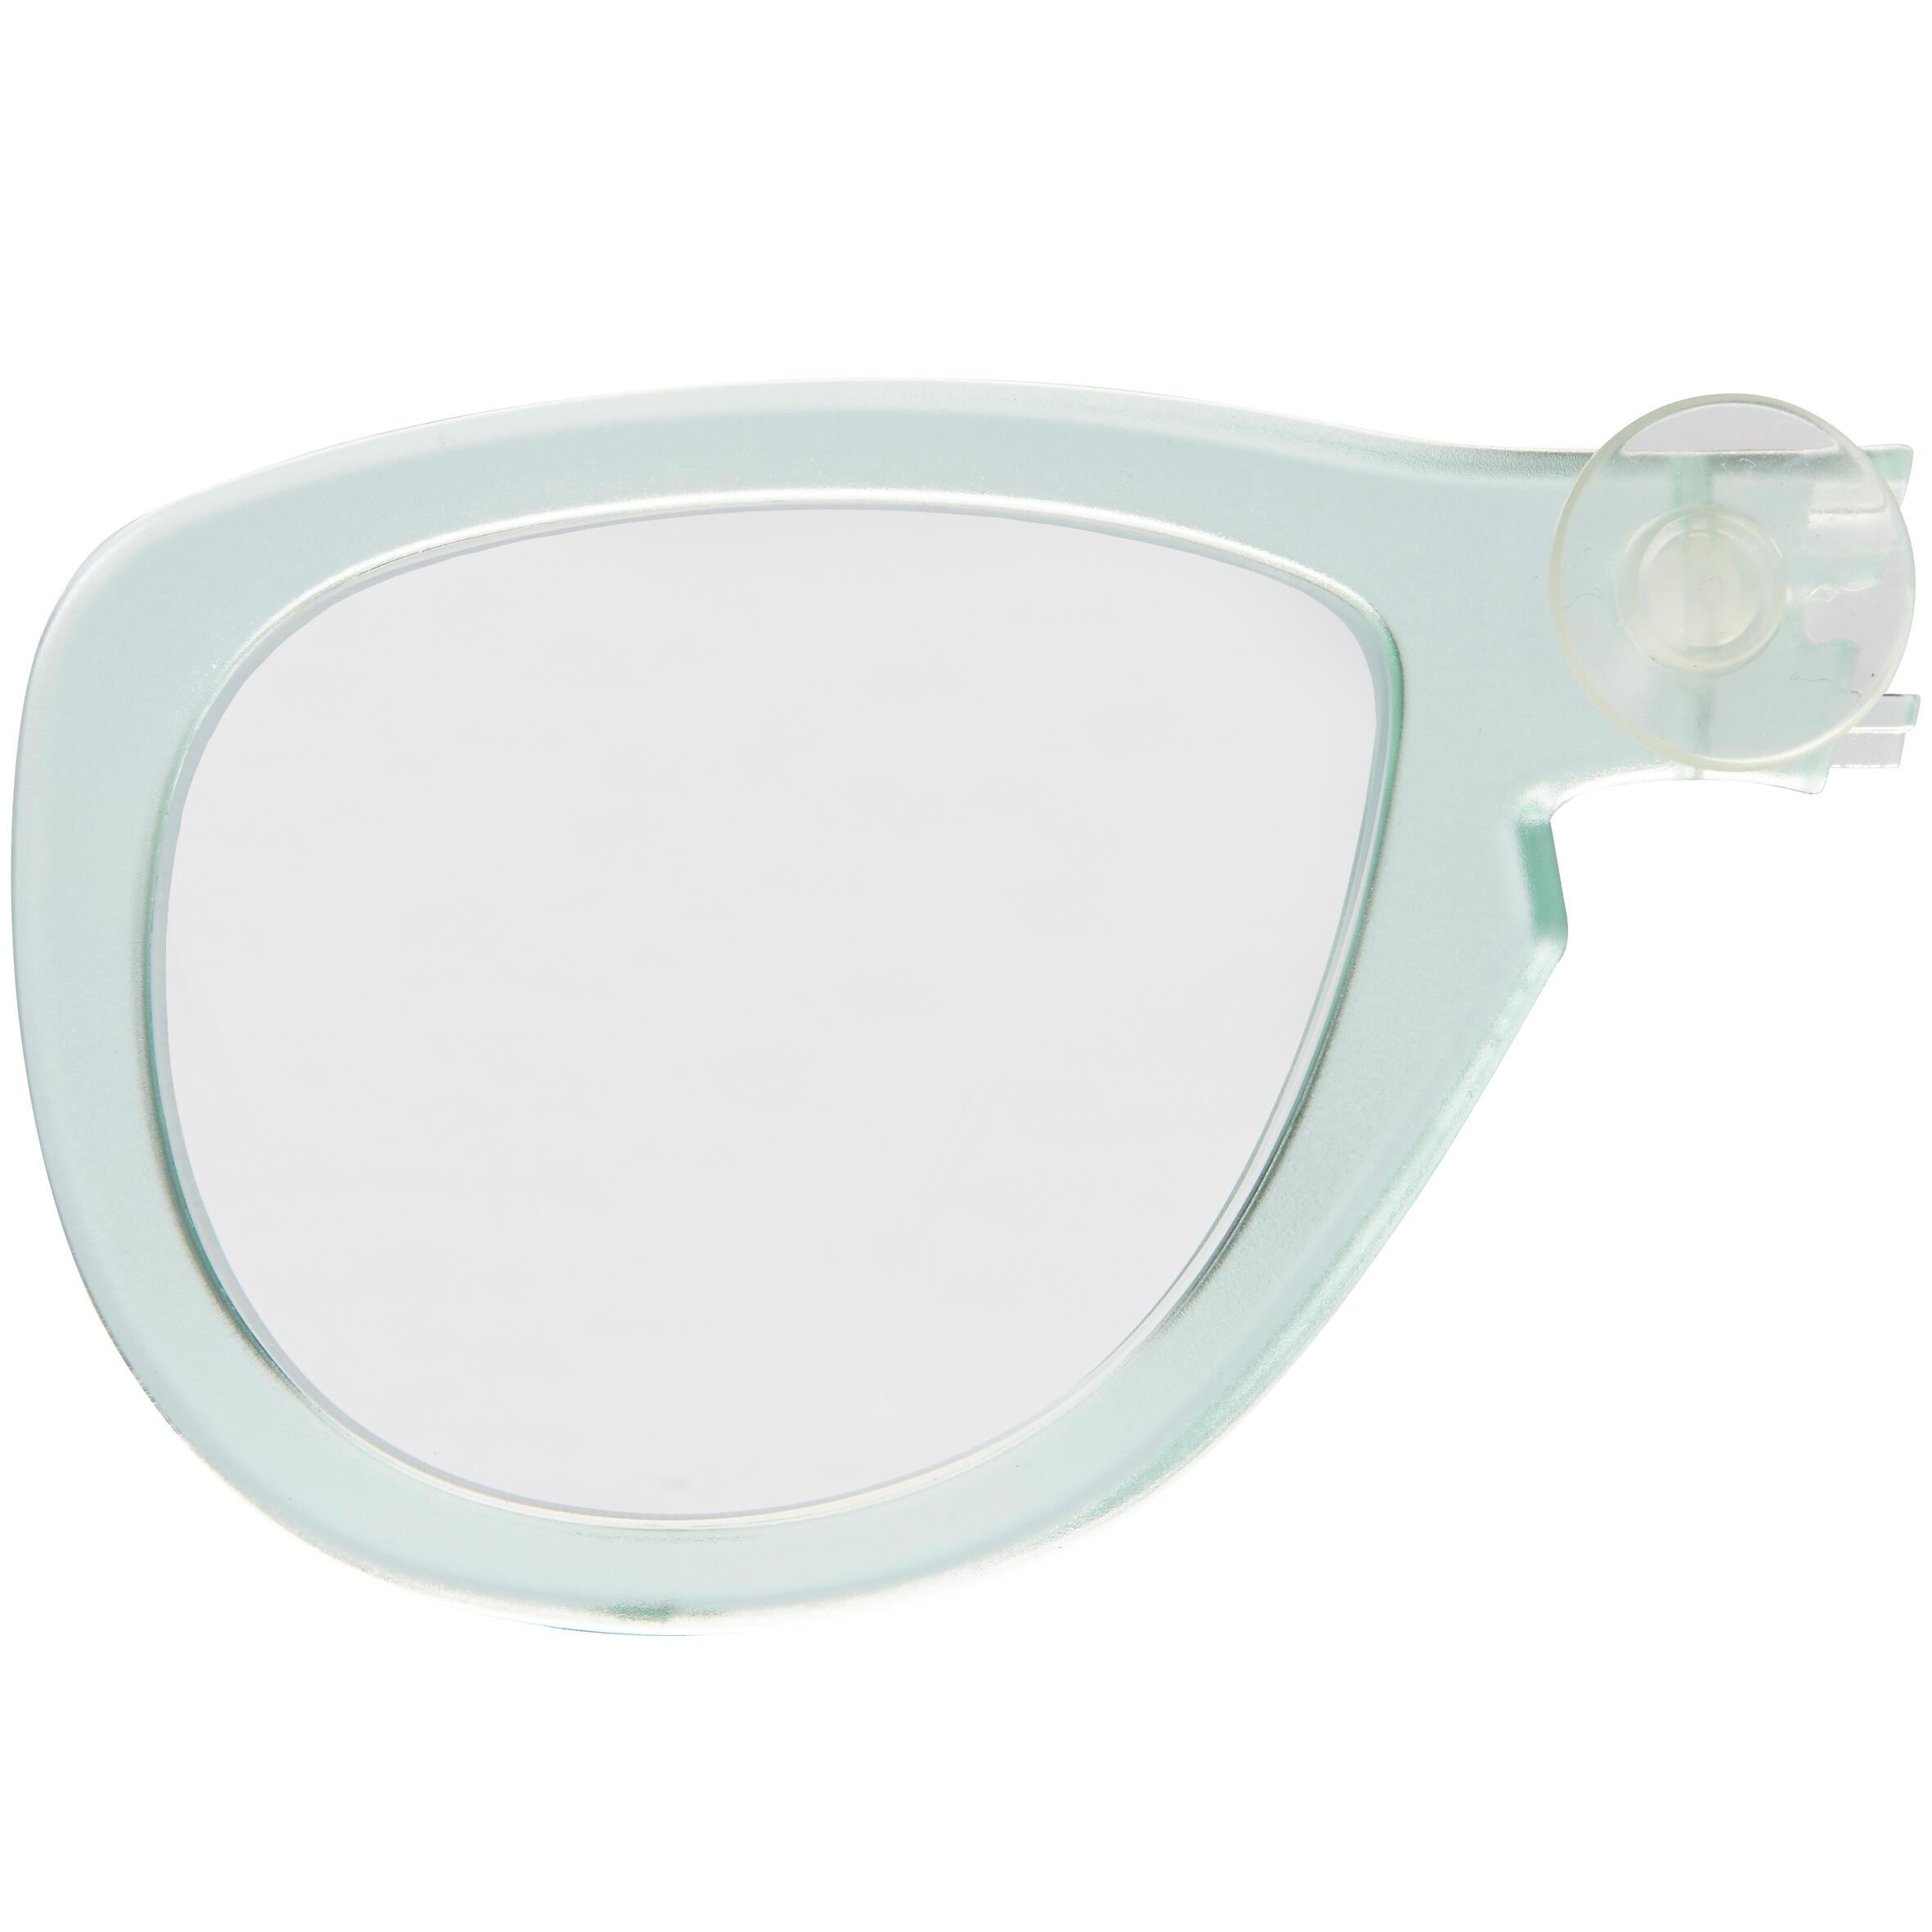 Subea Correctieglas rechts bijziendheid voor het Easybreath-masker muntgroen kopen